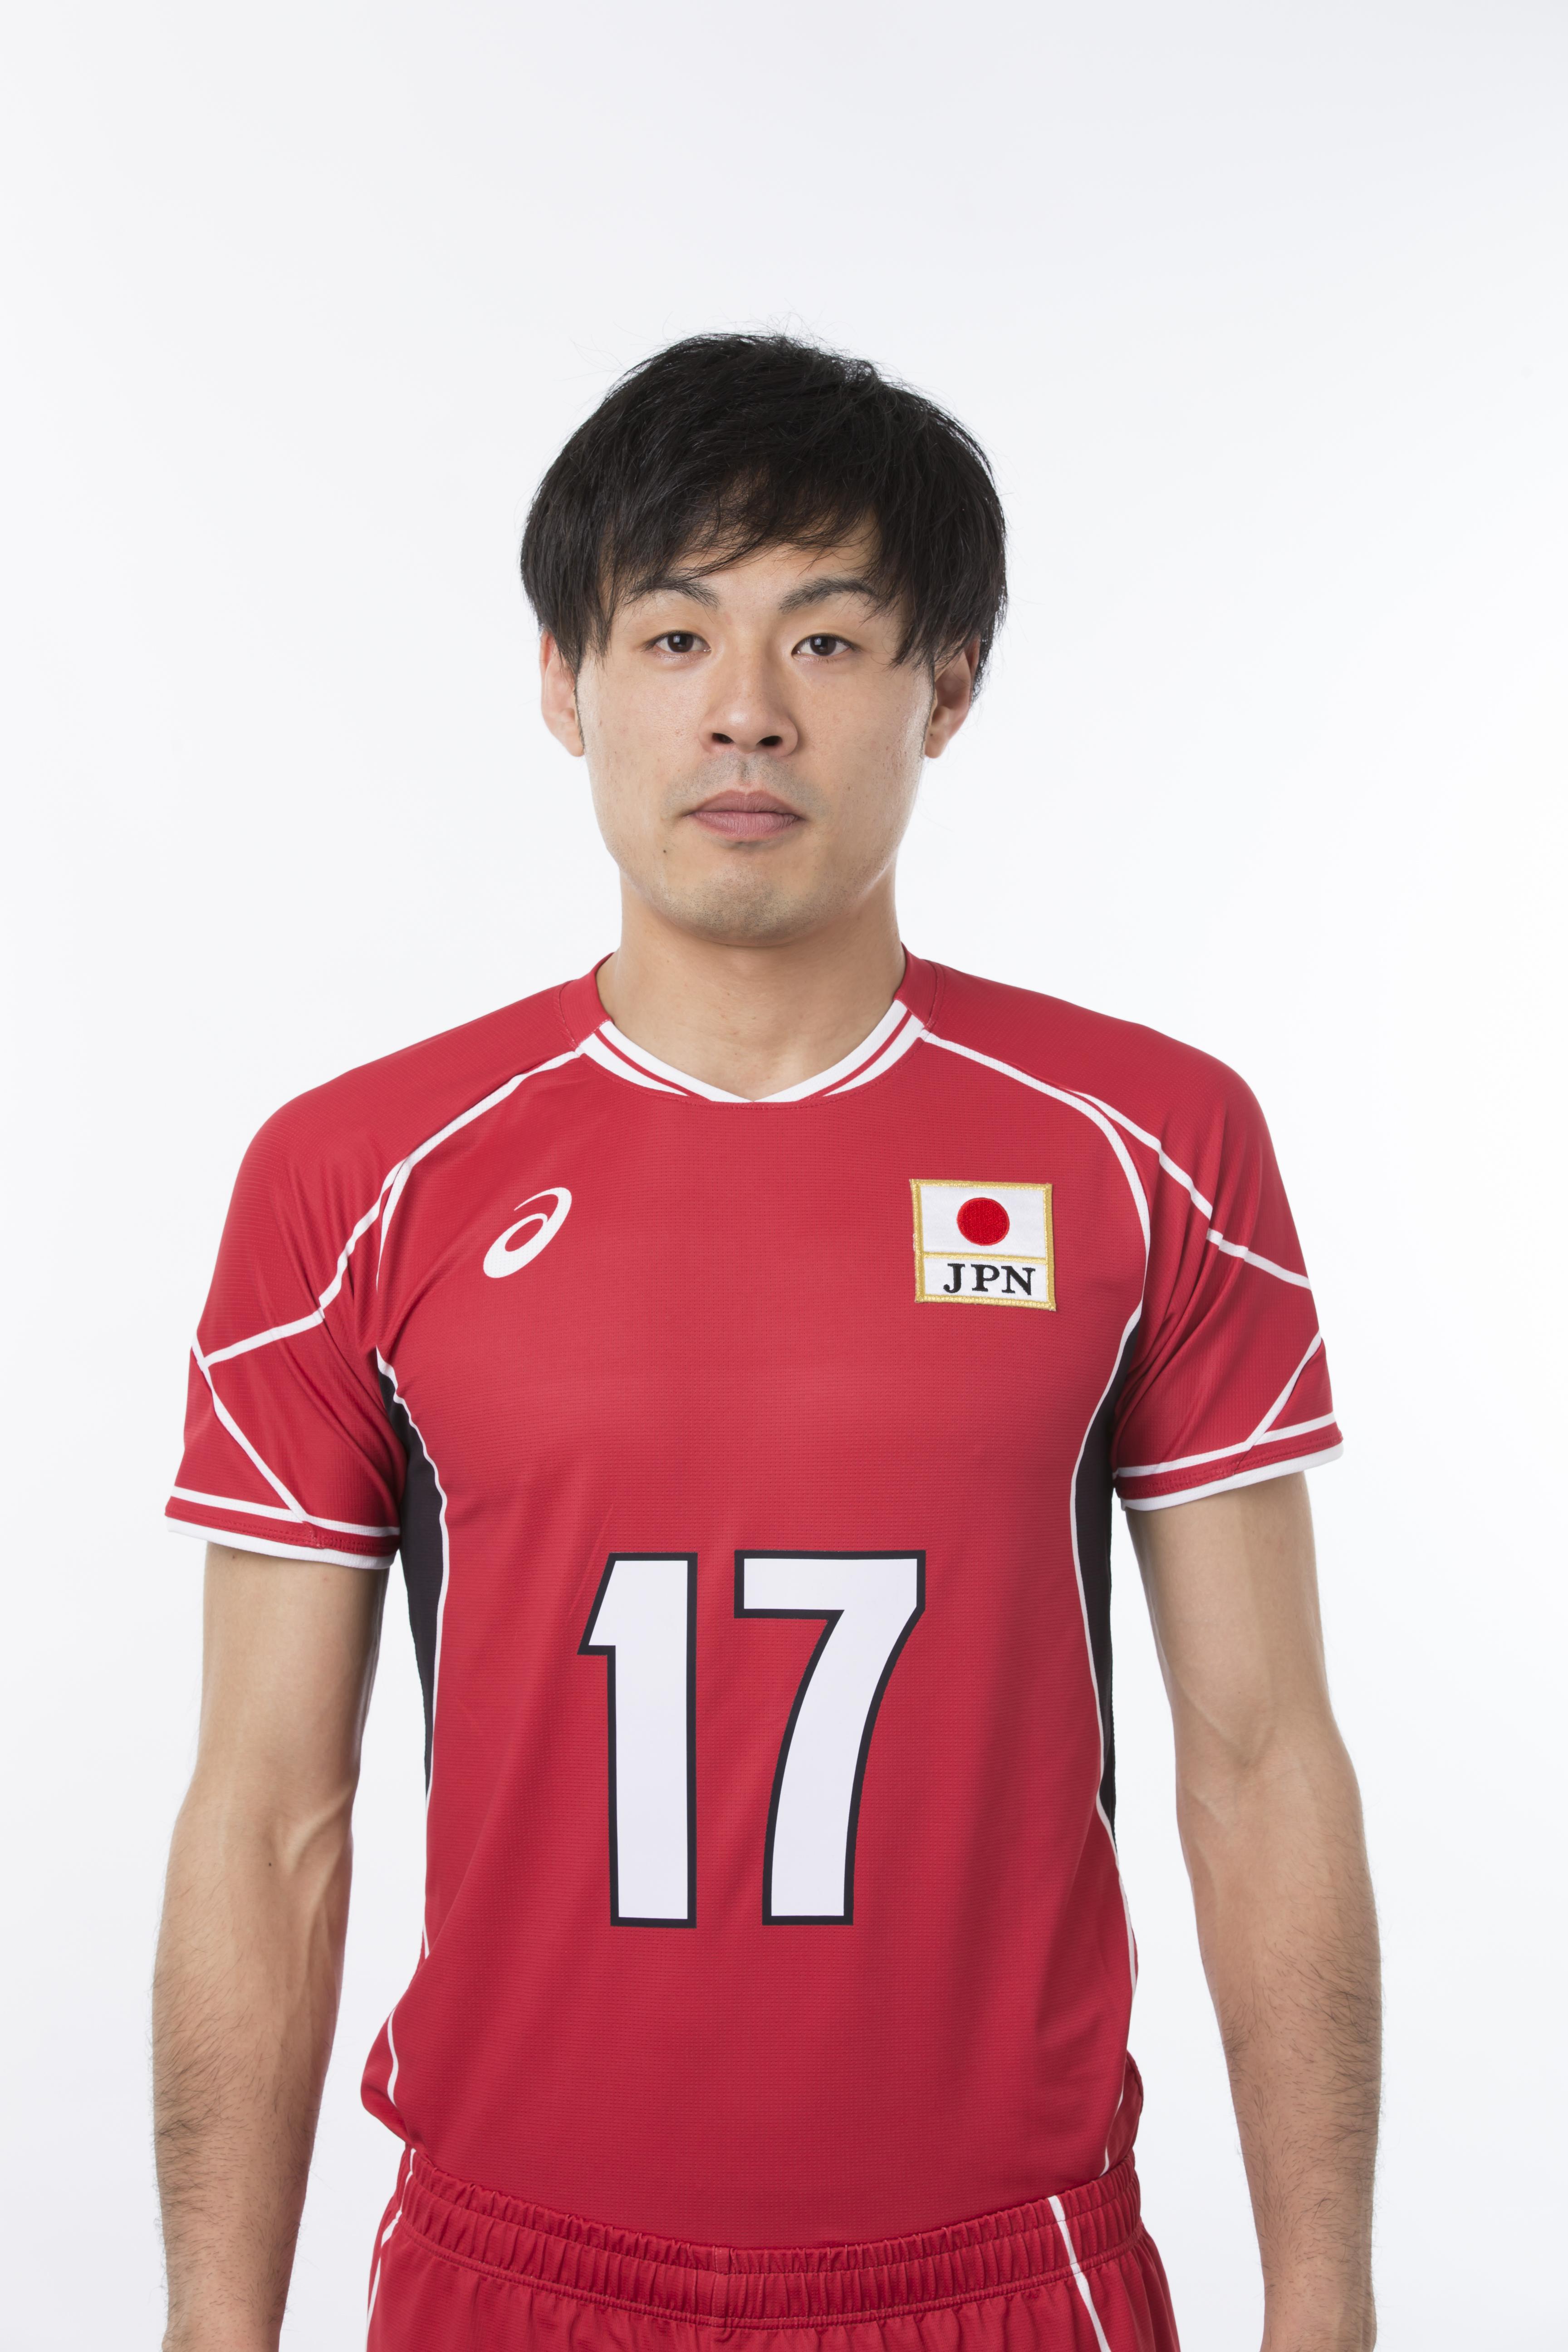 Takeshi Nagano